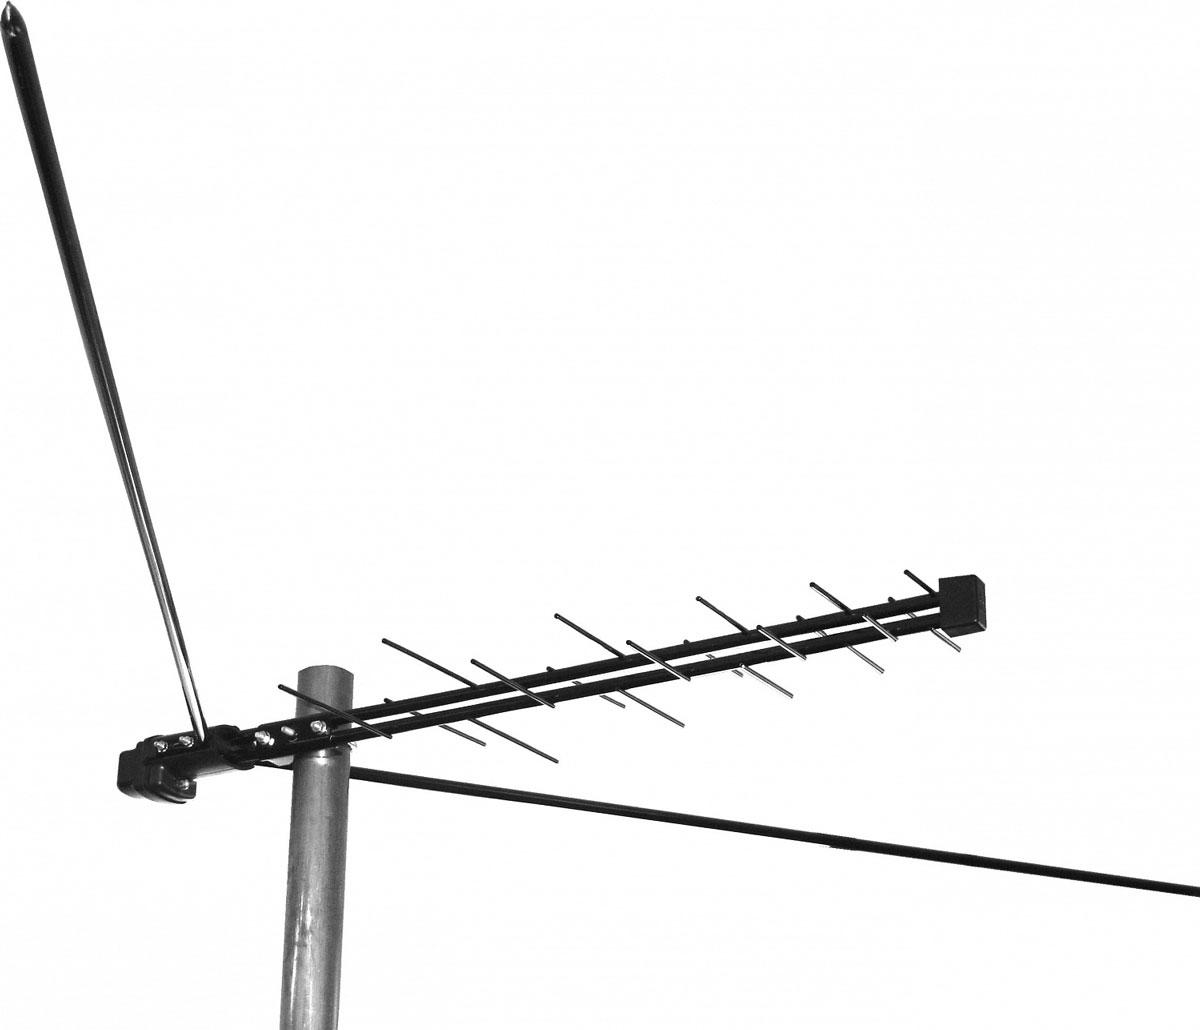 Дельта Н311А.02 12V уличная антенна (активная)14874Дельта Н311А.02 - комбинированная антенна, у которой в единой конструкции объединены две антенны: одна - диапазонный симметричный вибратор метрового диапазона волн и вторая - широкополосная логопериодическая антенна дециметрового диапазона волн.Электрические части и крепежные элементы изготовлены из стали. Защитно-декоративное покрытие толщиной 70-100 мкм обеспечивается эпоксидно-полиэфирными порошковыми красками. Скобы и гайки крепления к мачте, шпилька и гайка заземления имеют цинковое покрытие. При сборке метровые вибраторы устанавливаются на предусмотренные в антенной коробке элементы крепления.Габаритные размеры антенны: 83,3 см х 195 см